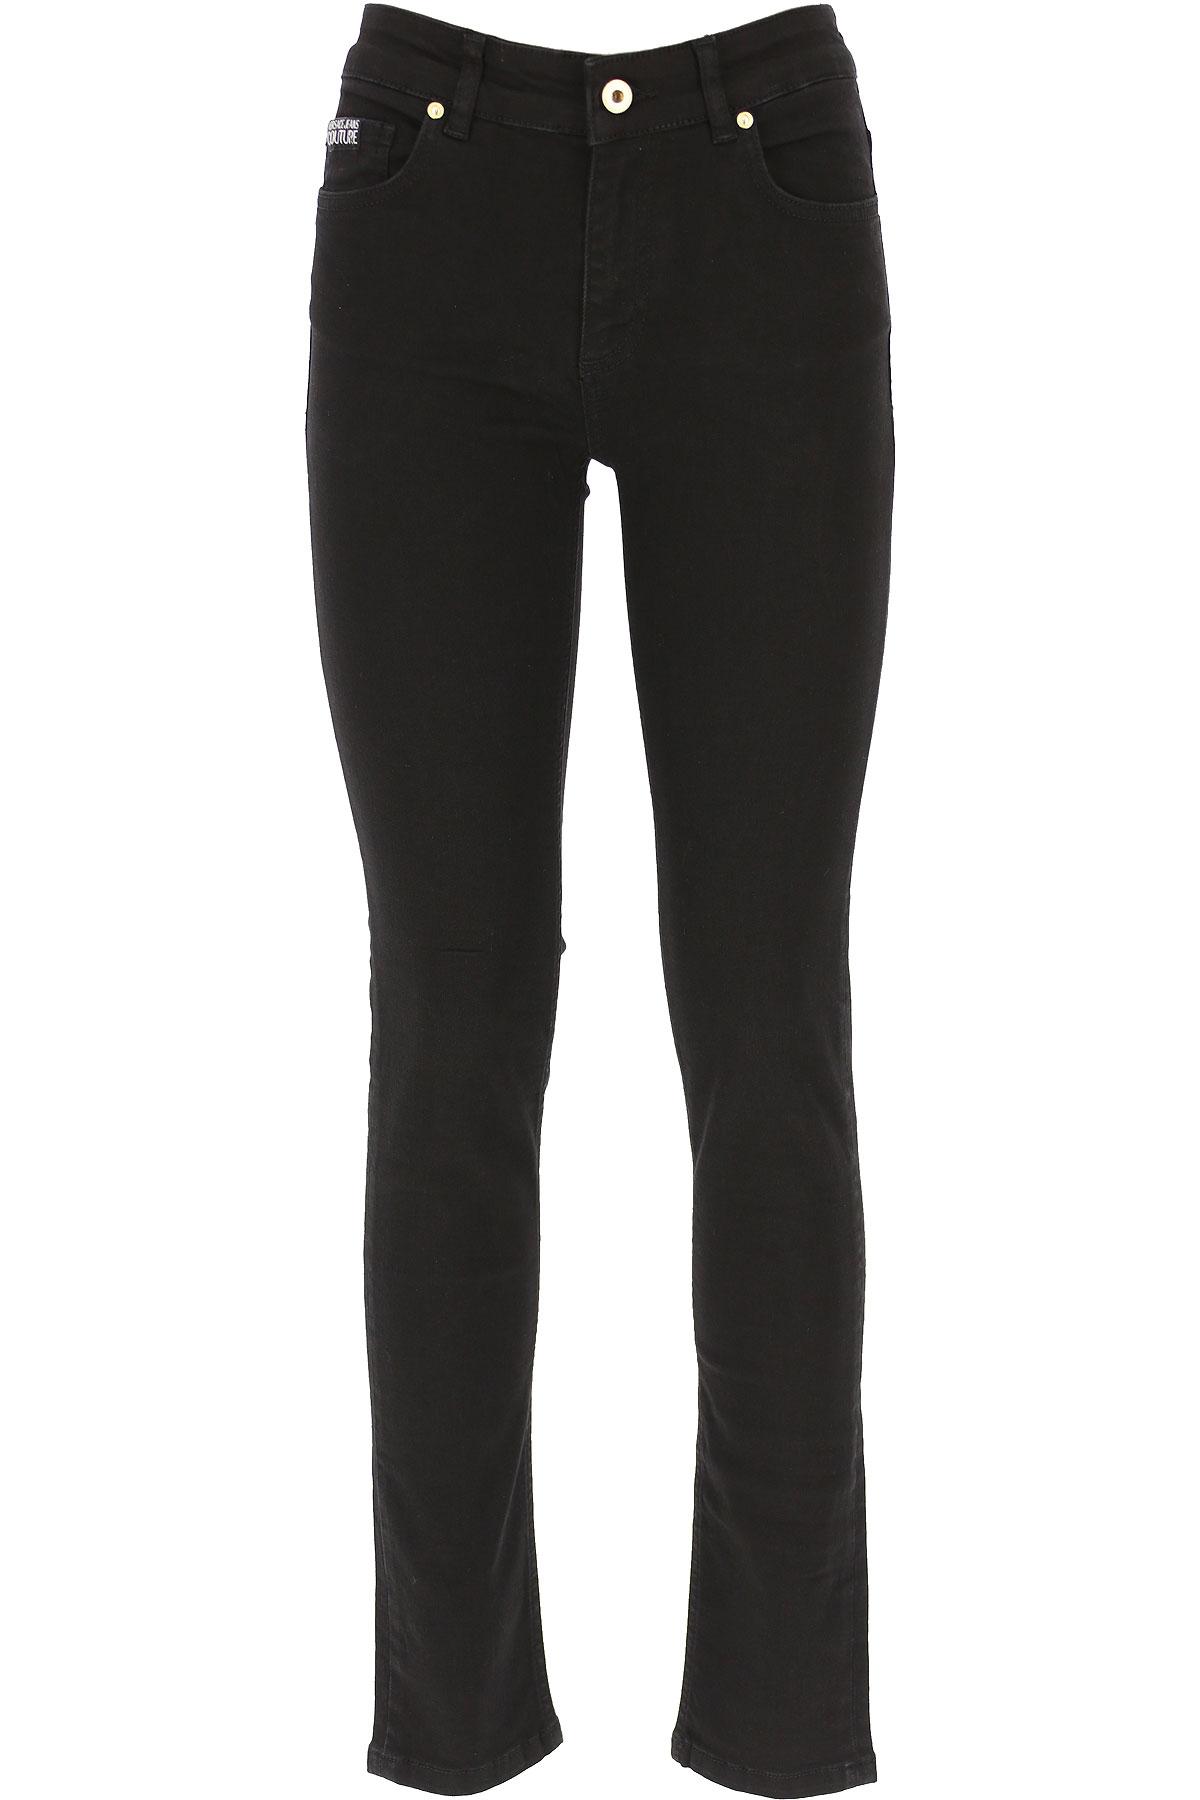 Versace Jeans Couture Jeans On Sale, Black, Cotton, 2019, 25 26 28 29 30 32